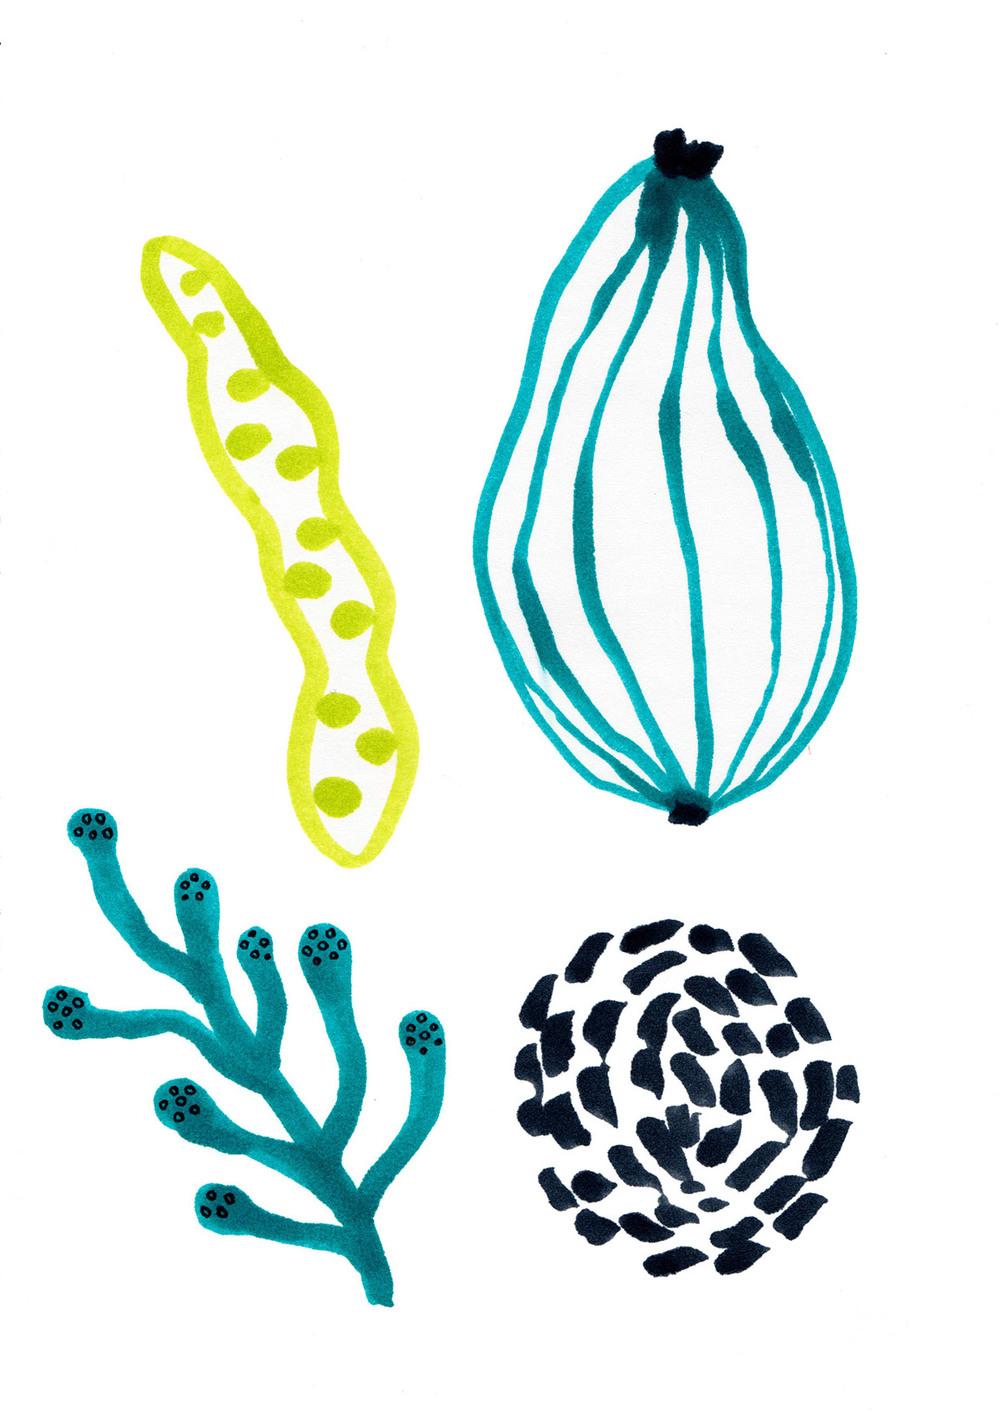 Plate design - vegetables